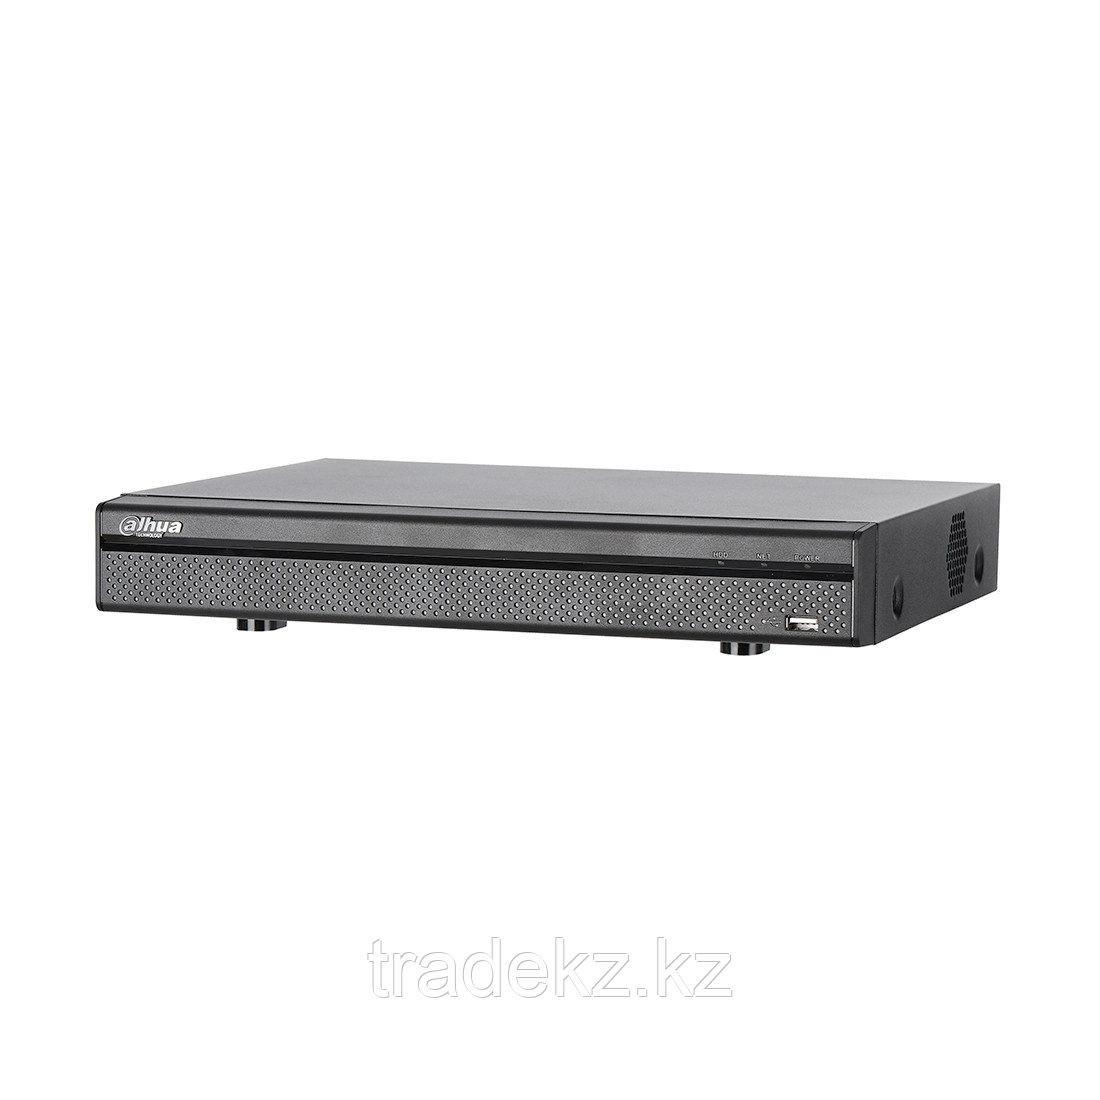 Гибридный видеорегистратор Dahua DH-XVR5104H-4KL-X